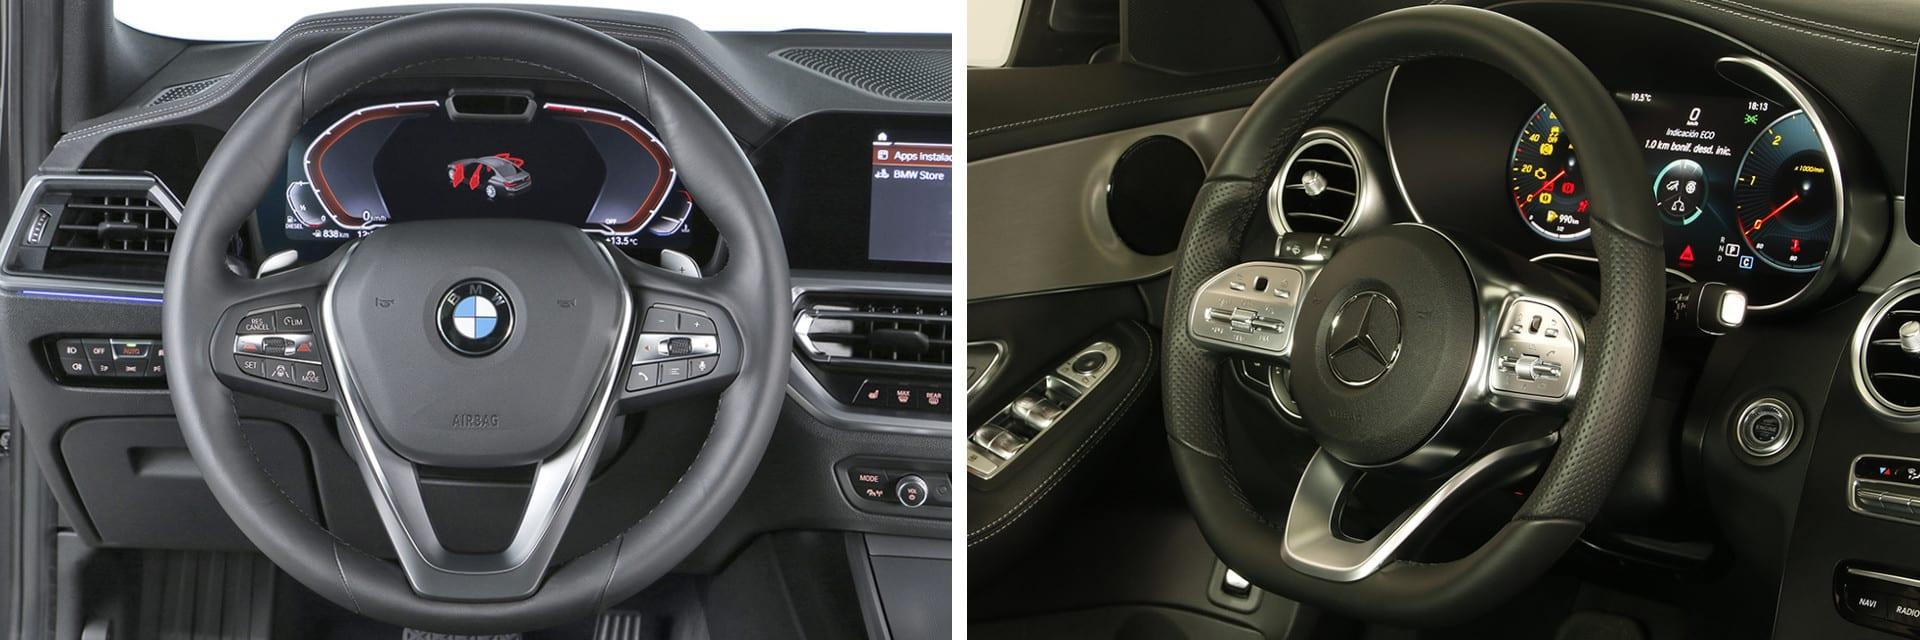 En cuanto a comodidad y manejo, el puesto de conducción del BMW Serie 3 (izq.) es mejor que el del Mercedes-Benz Clase C (dcha.)